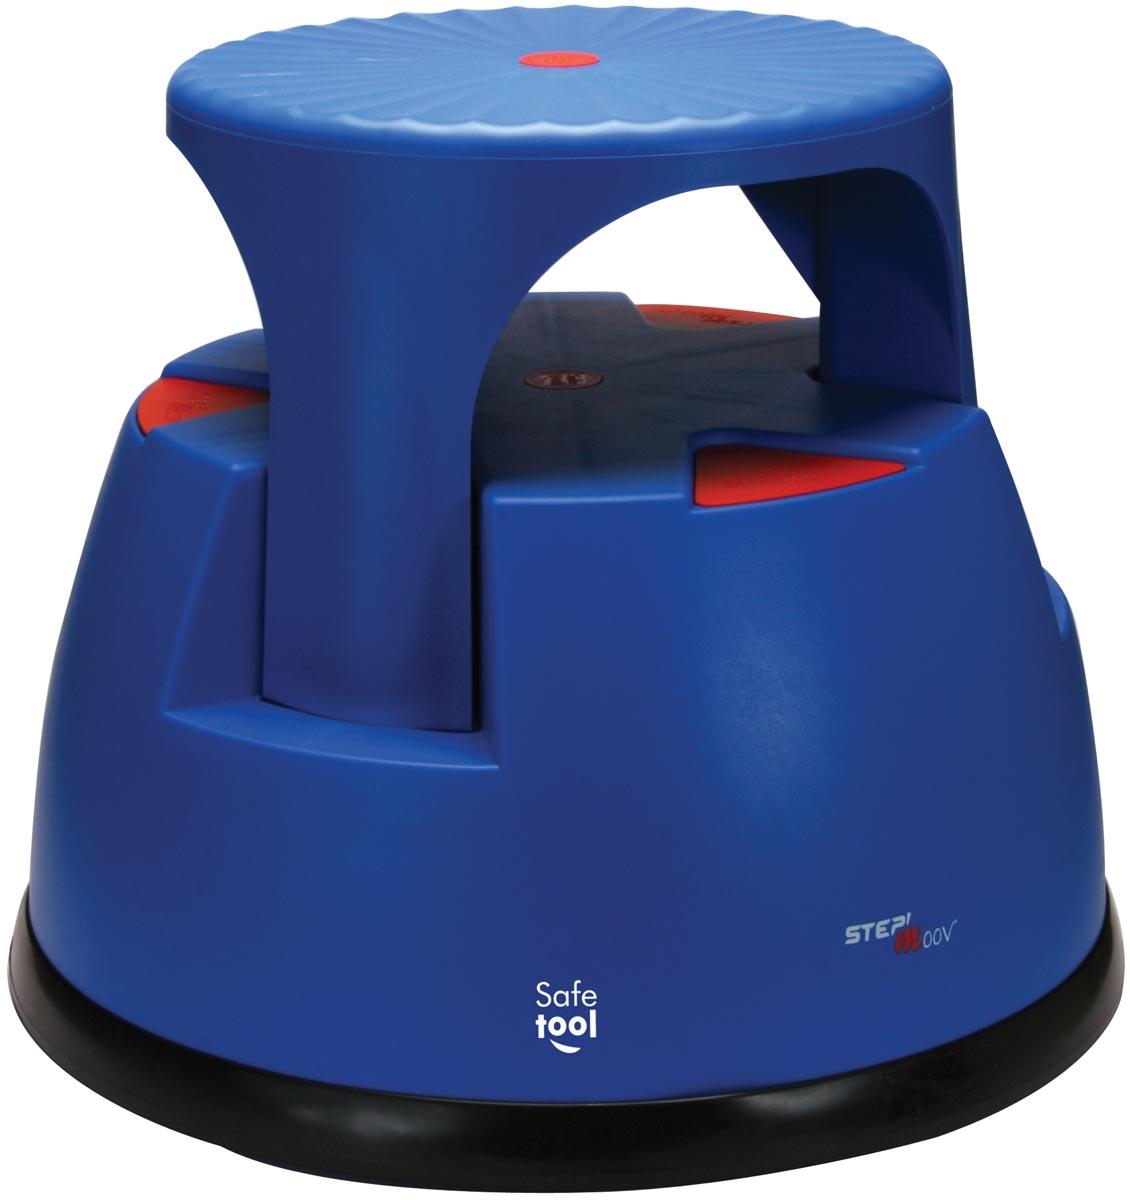 Safetool rolkruk Moov, 3 posities, blauw